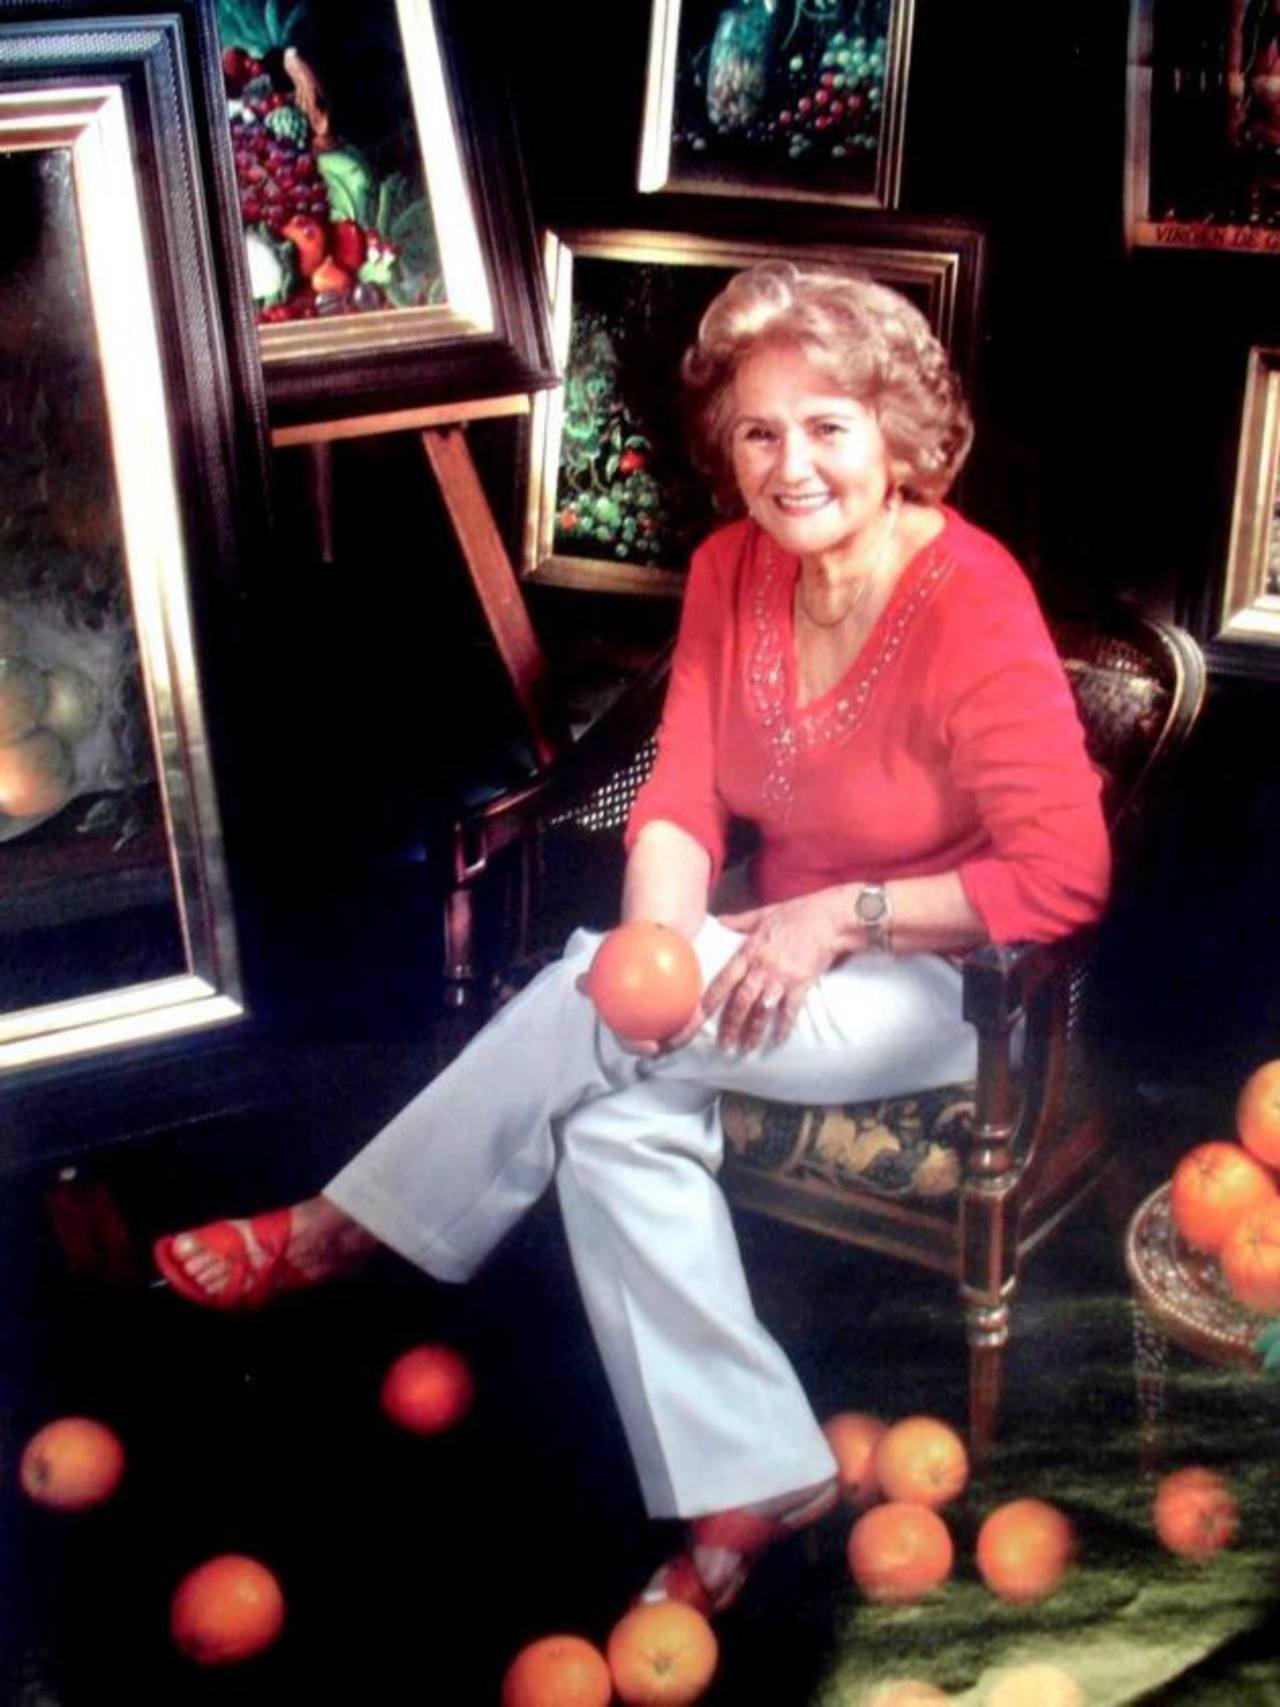 La pintora falleció en diciembre de 2012. Su trabajo aún se recuerda por la calidad de la técnica y color que llego a desarrollar. Foto Edh / Cortesía